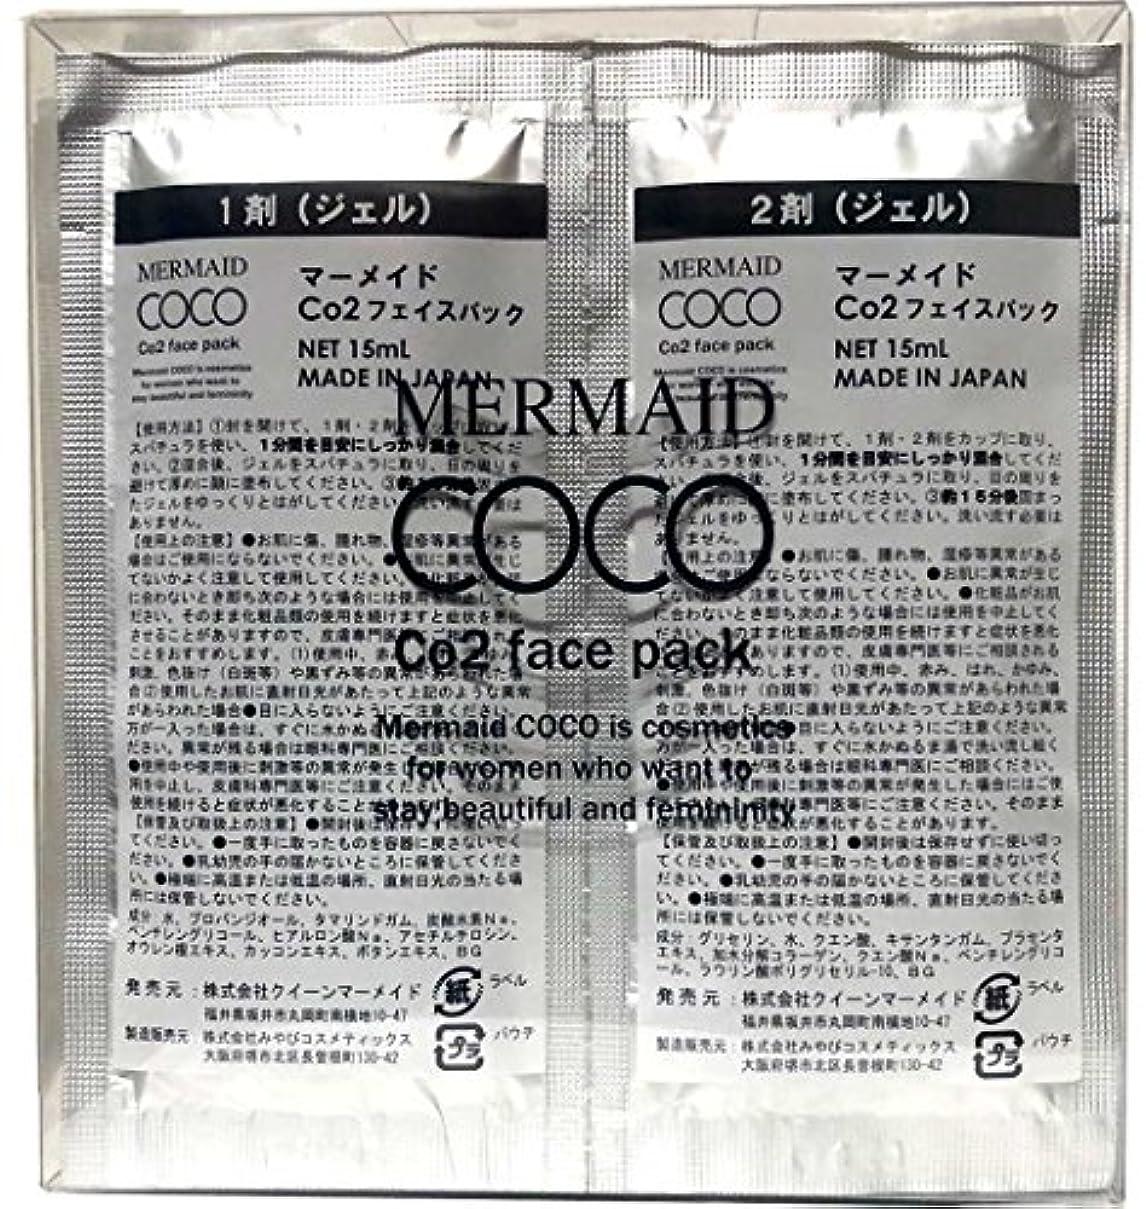 すでにスキャンダル経済マーメイド ココ  MERMAID COCO Co2 フェイスパック 10回分